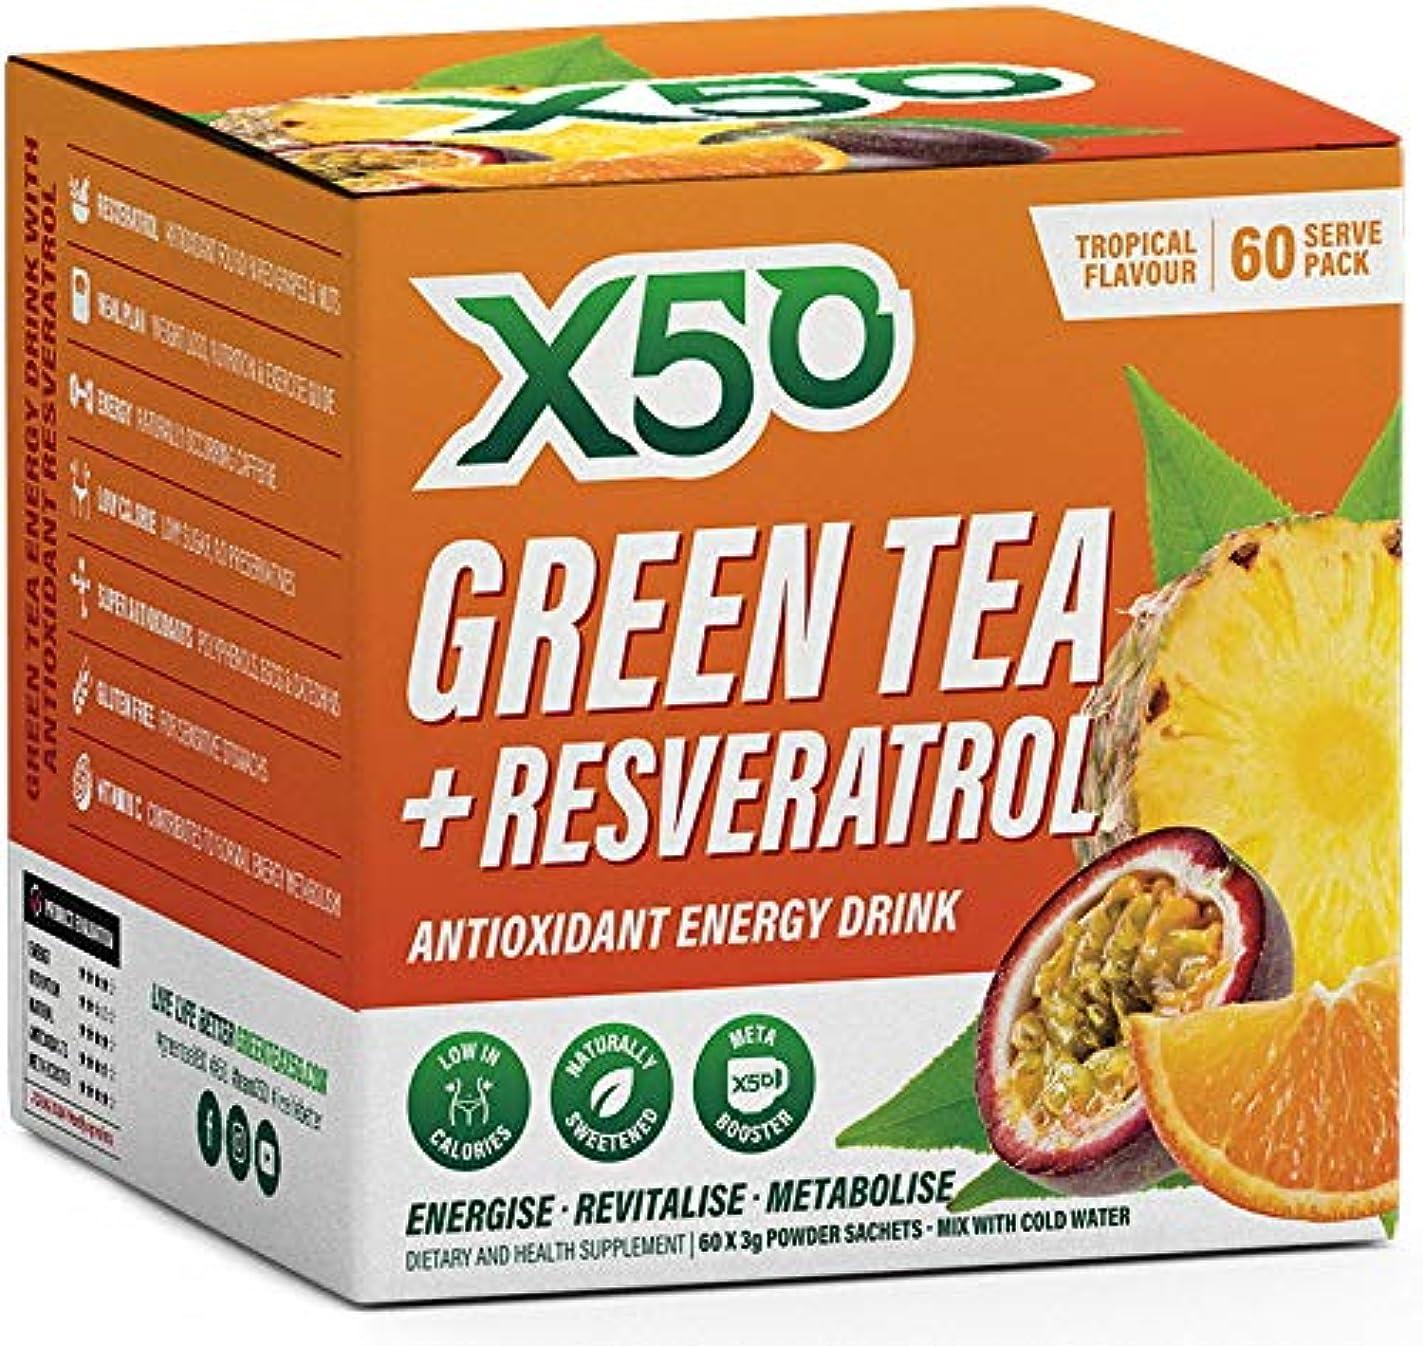 シャイニングメルボルン生態学Green Tea X50 [海外直送品] オーストラリア保健省?行政局認可製品 (Tropical(トロピカル味) x60袋)